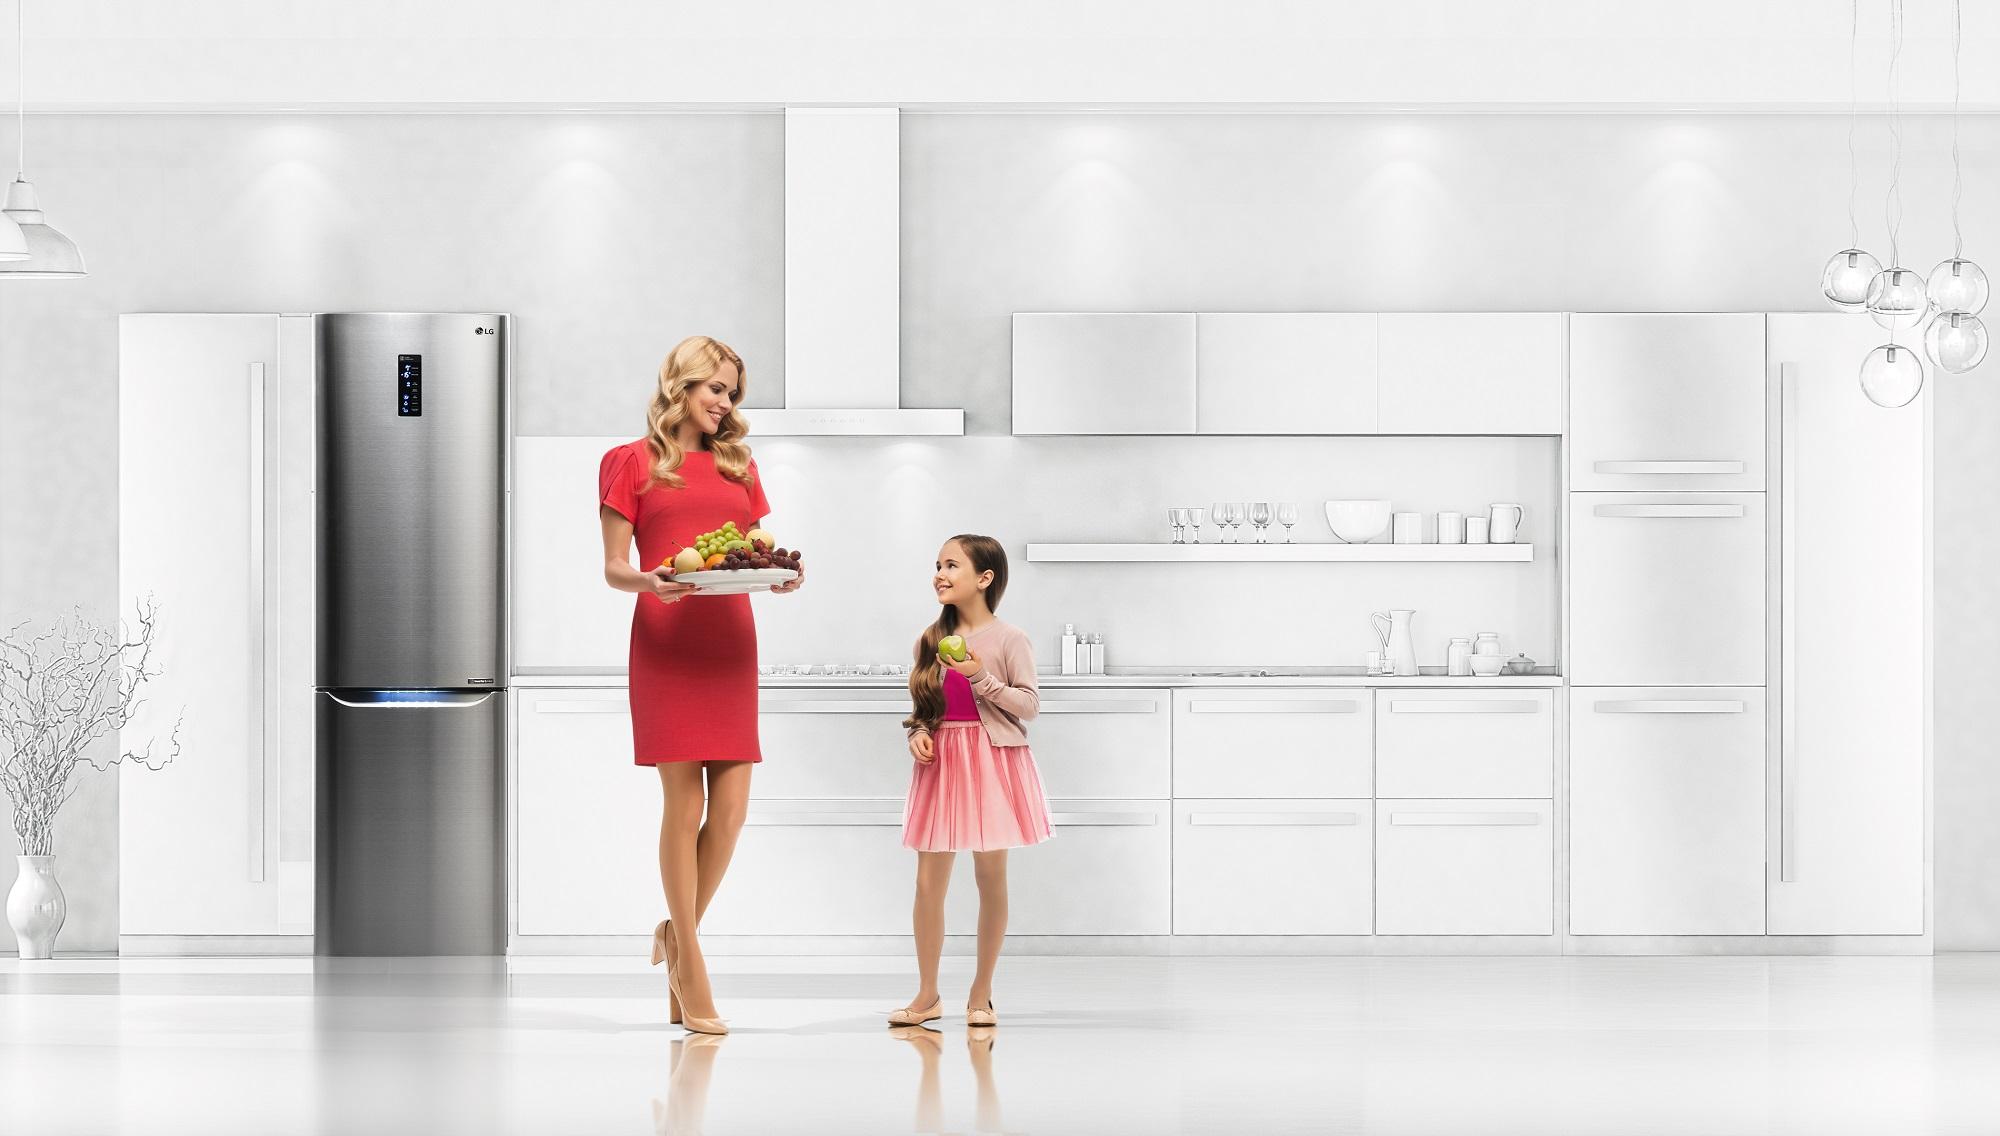 LG Electronics проводит кампанию «Невидимые технологии заботы»   галерея [1] фото [1]